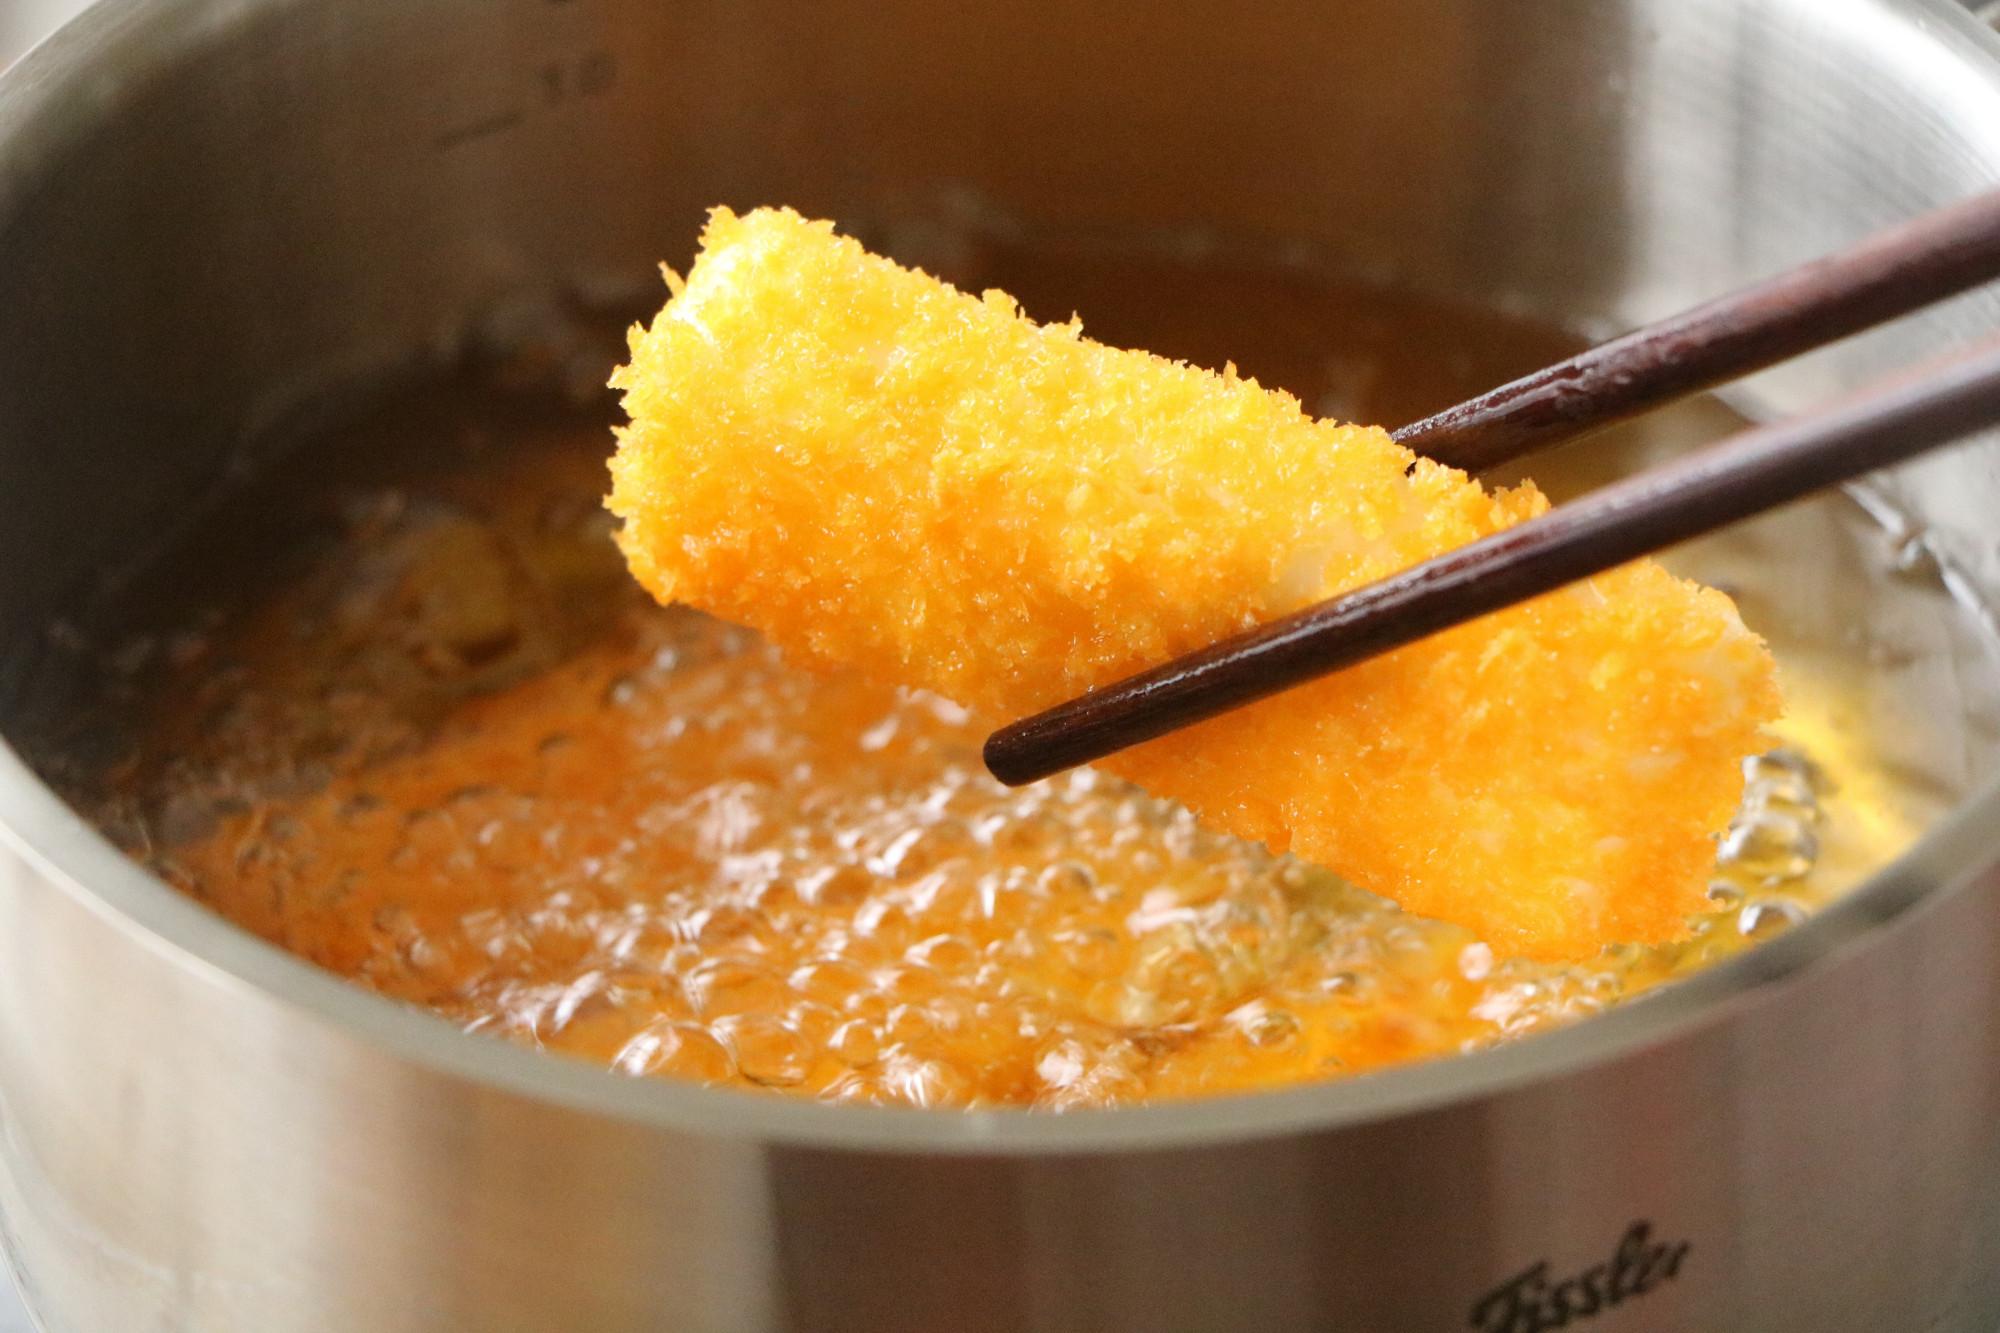 上桌必抢的炸鲜奶,学会回家做给家人吃,简单0失败,解馋又好吃